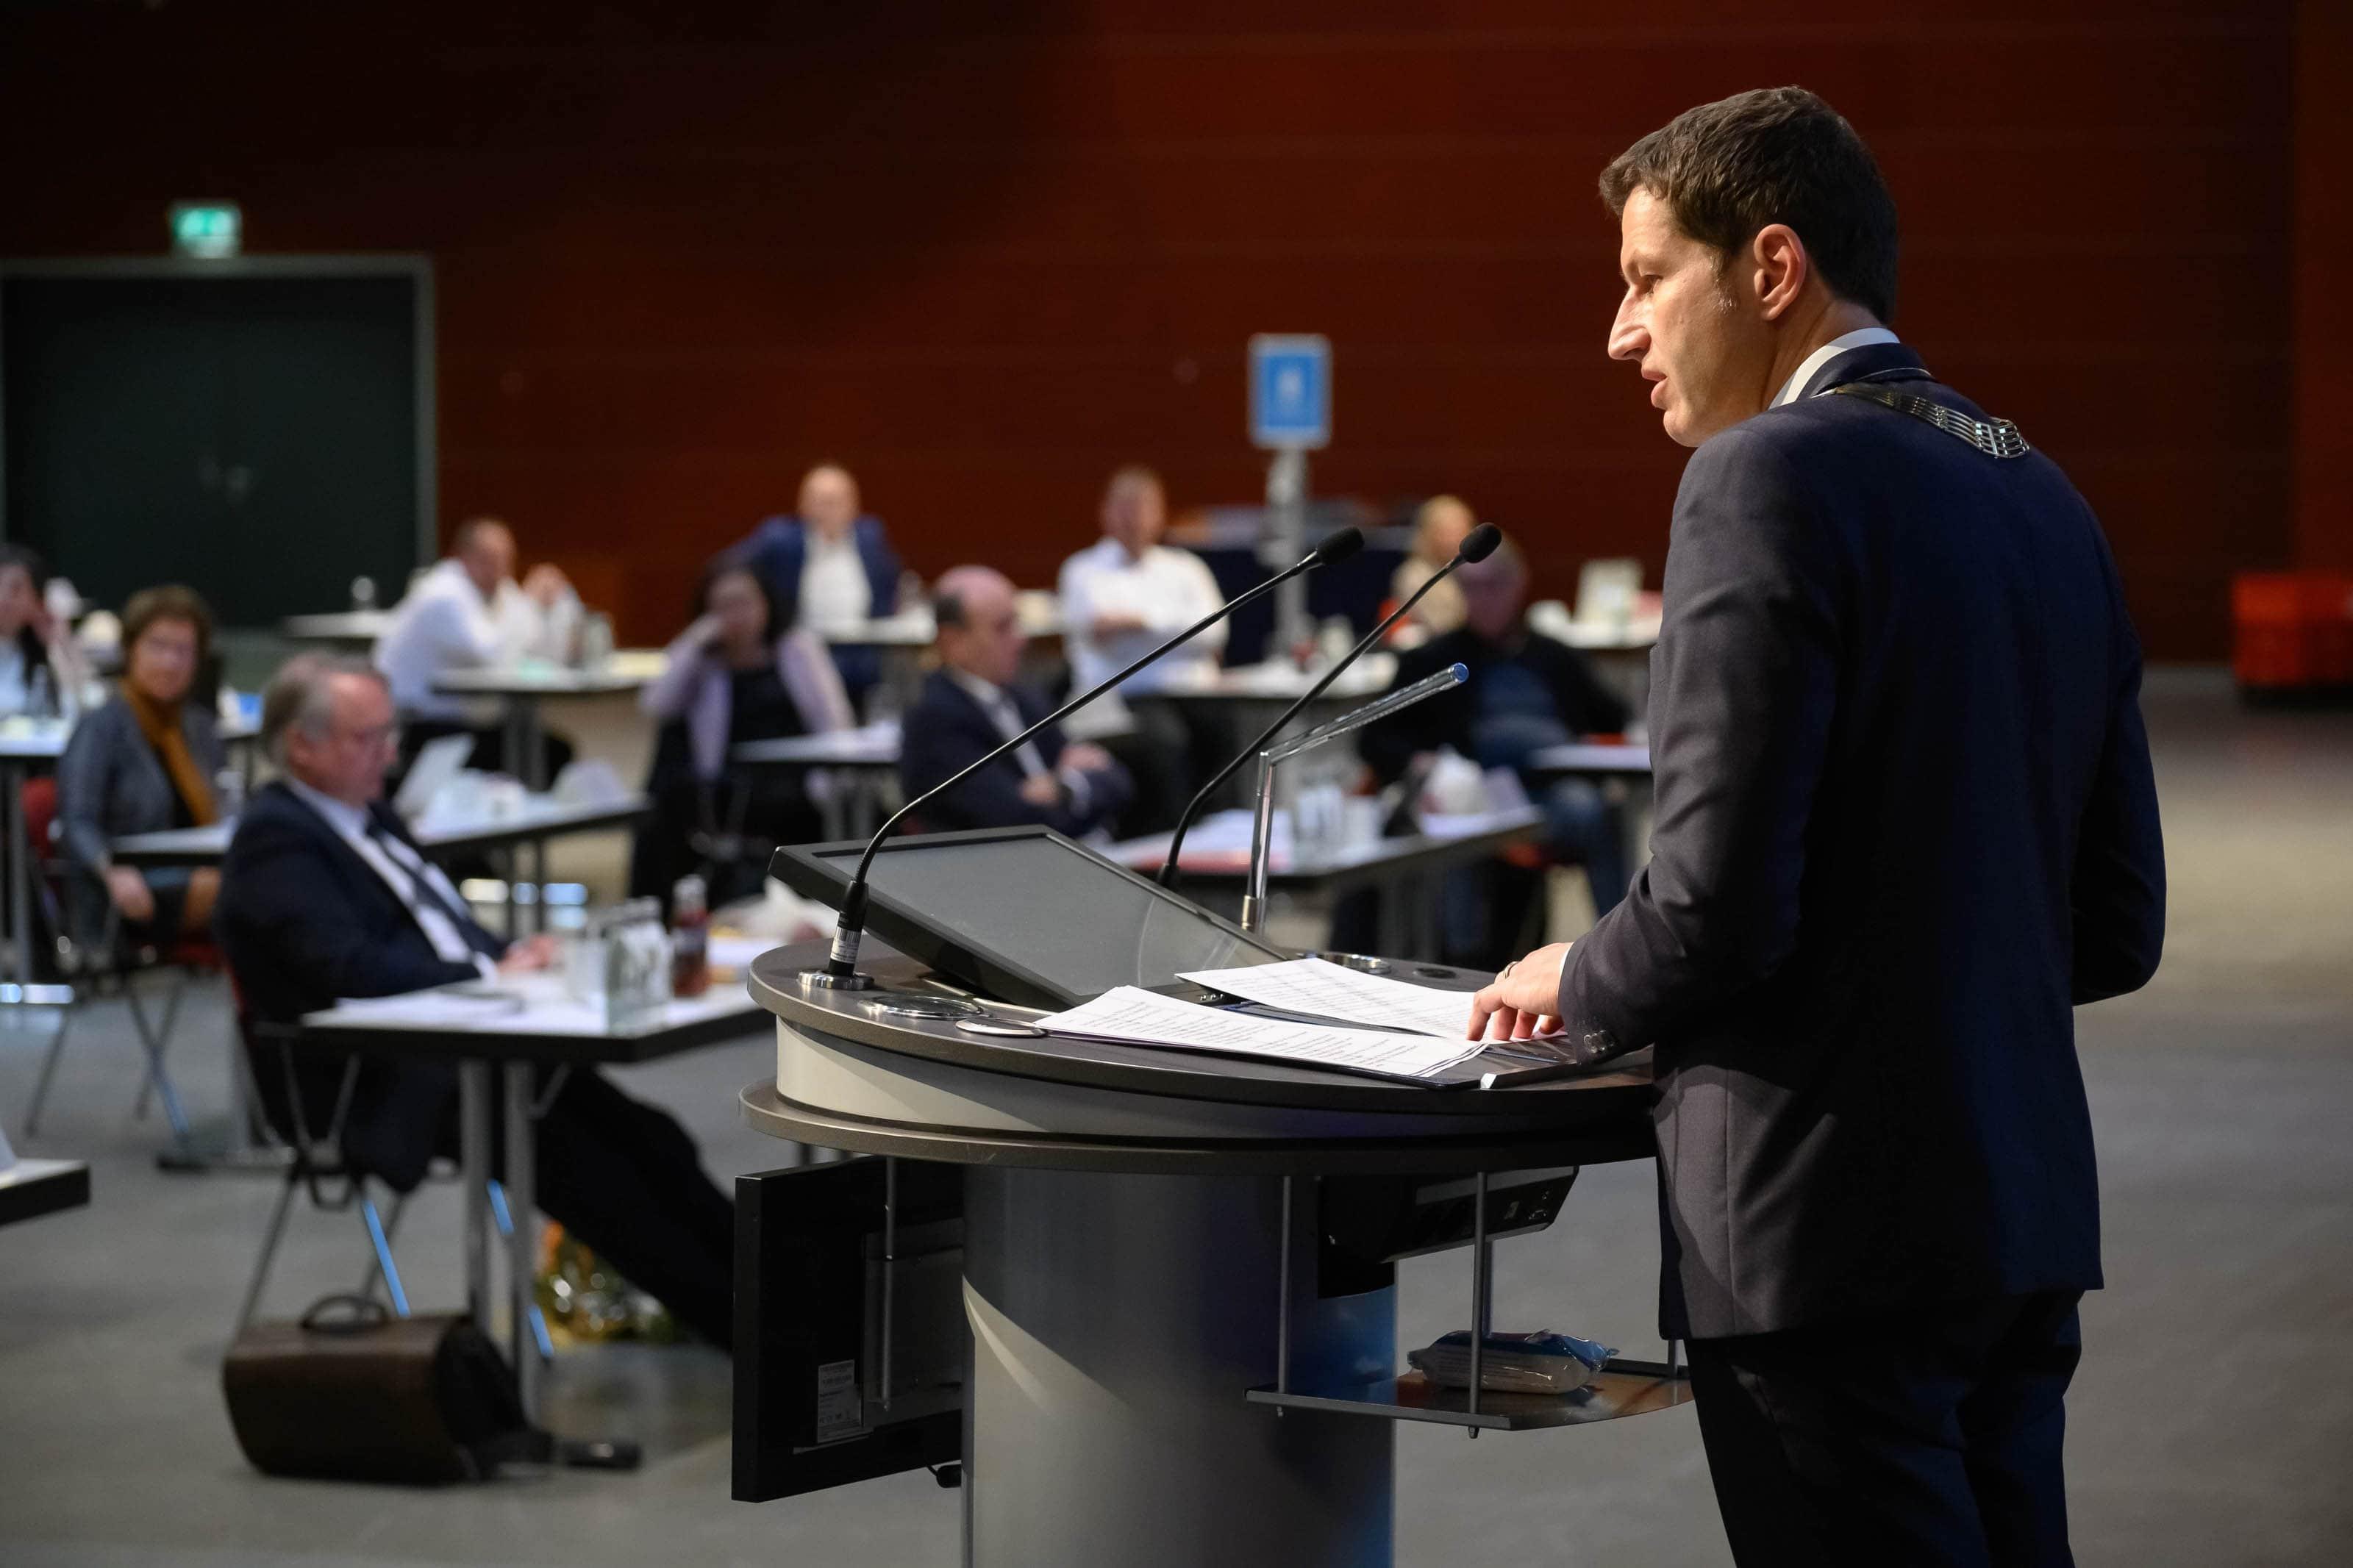 Konstituierende Ratssitzung mit Amtseinführung des wiedergewählten Oberbürgermeisters Thomas Eiskirch